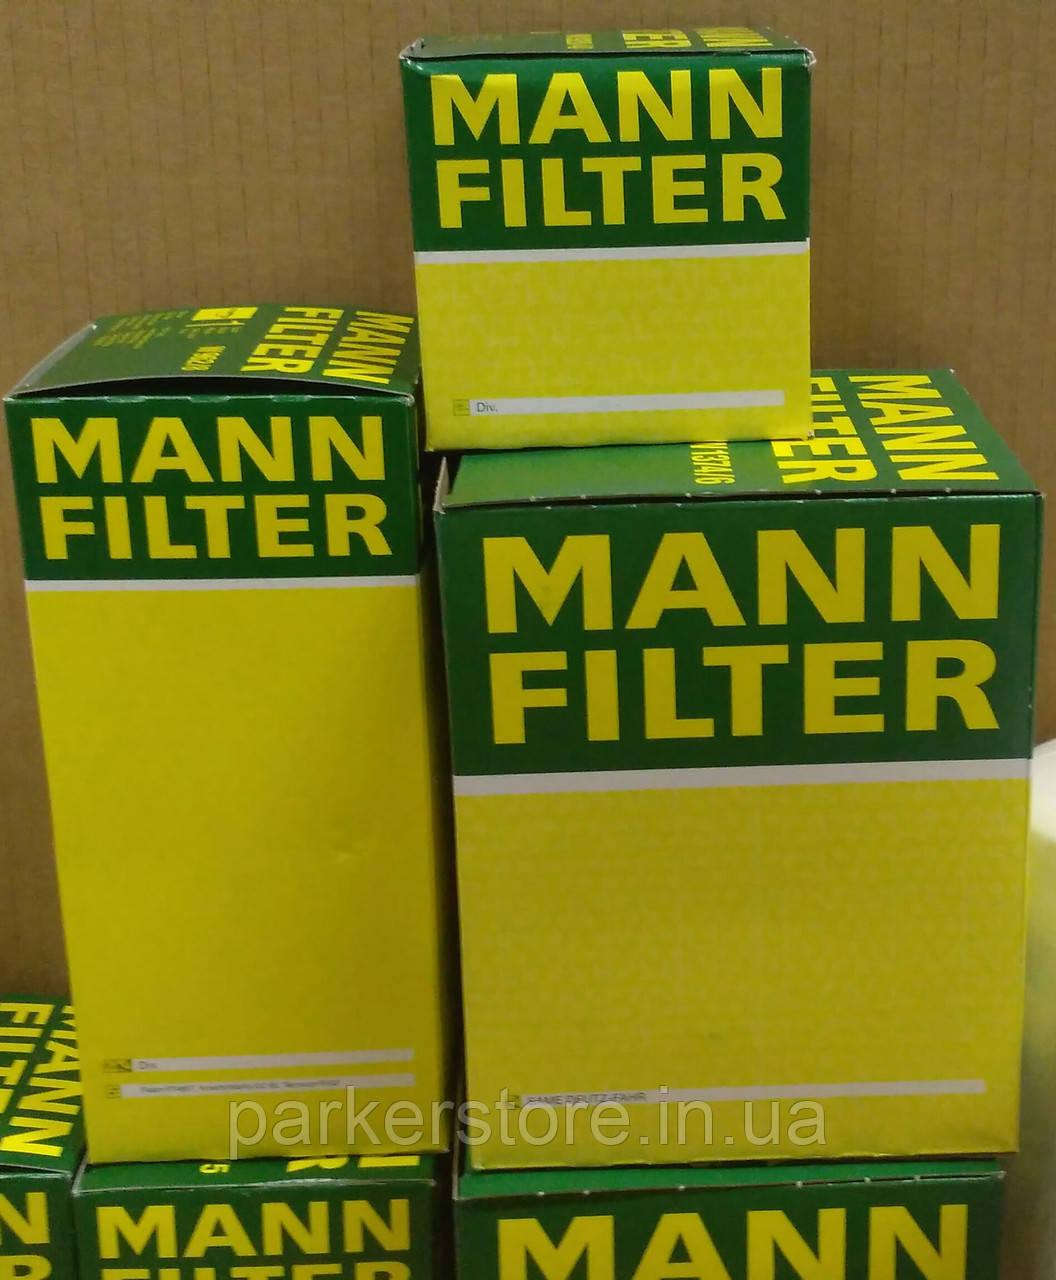 MANN FILTER / Повітряний фільтр / C 28 105/1 / C28105/1